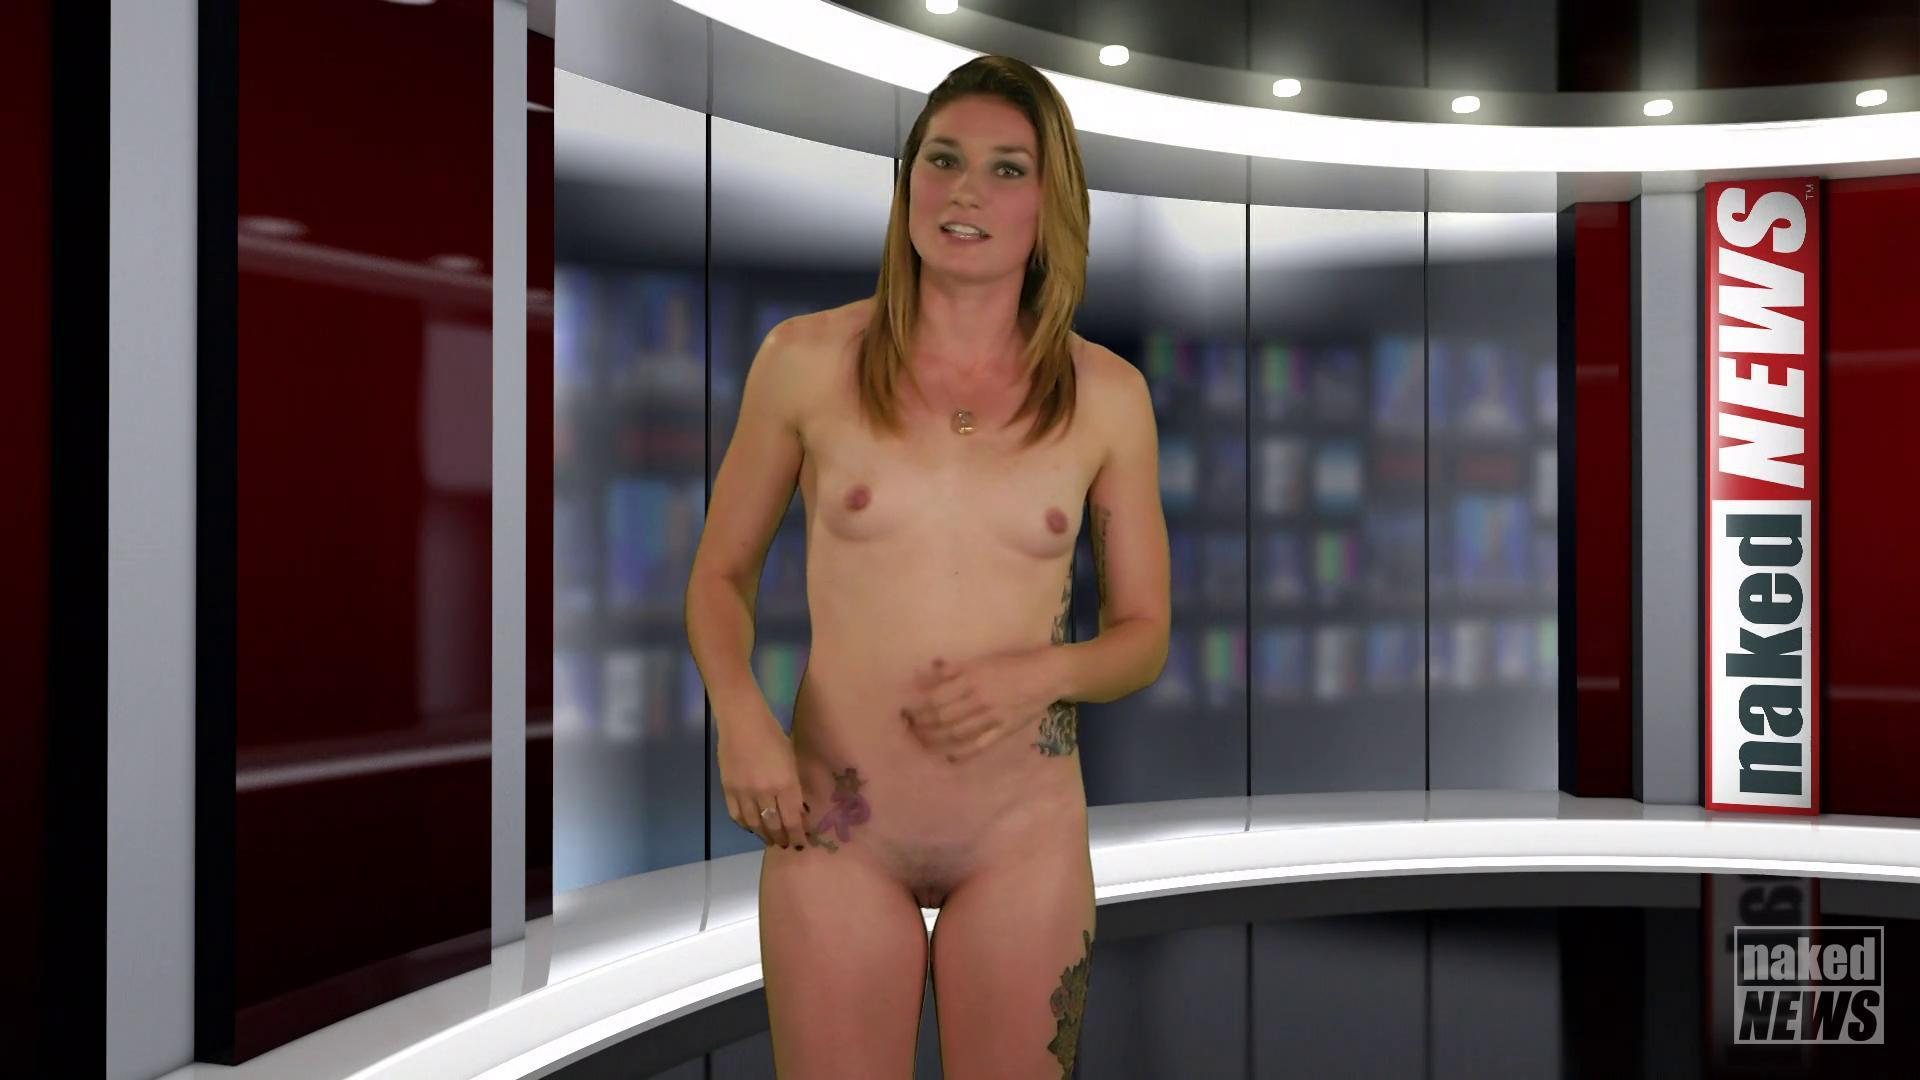 Girl naked newscasting using